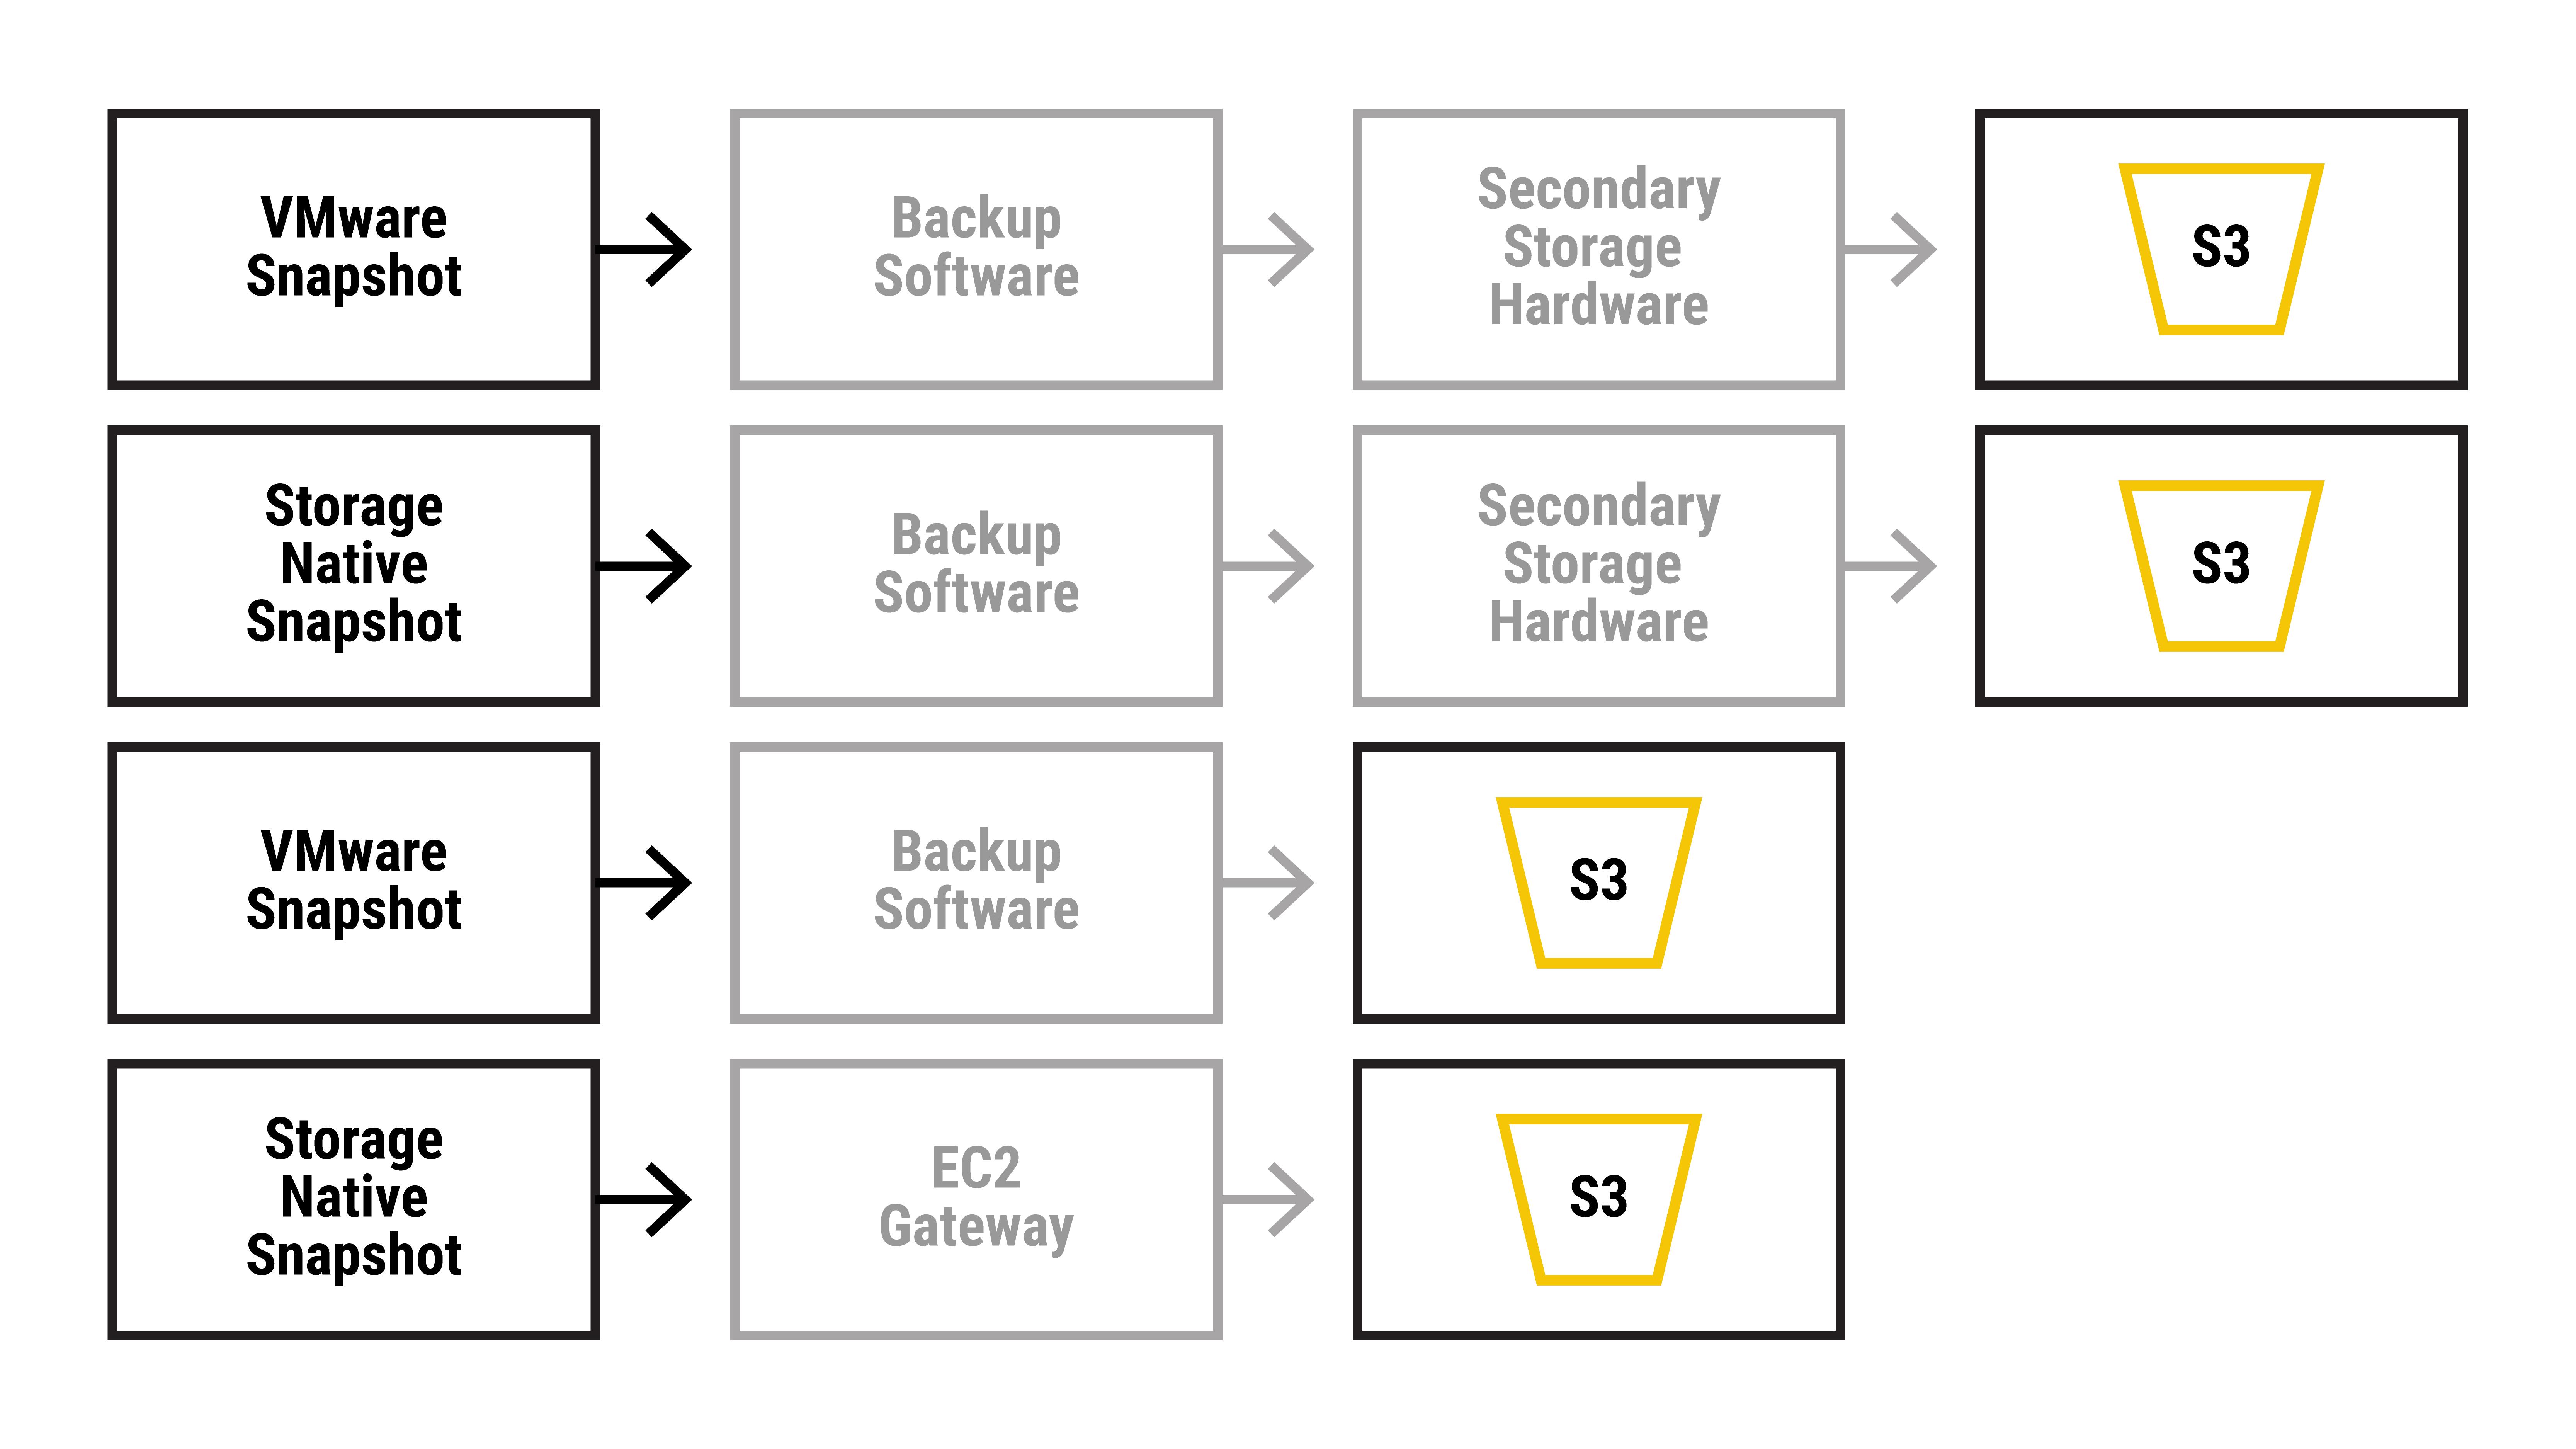 クラウドに保護データを保存させるためのワークフロー